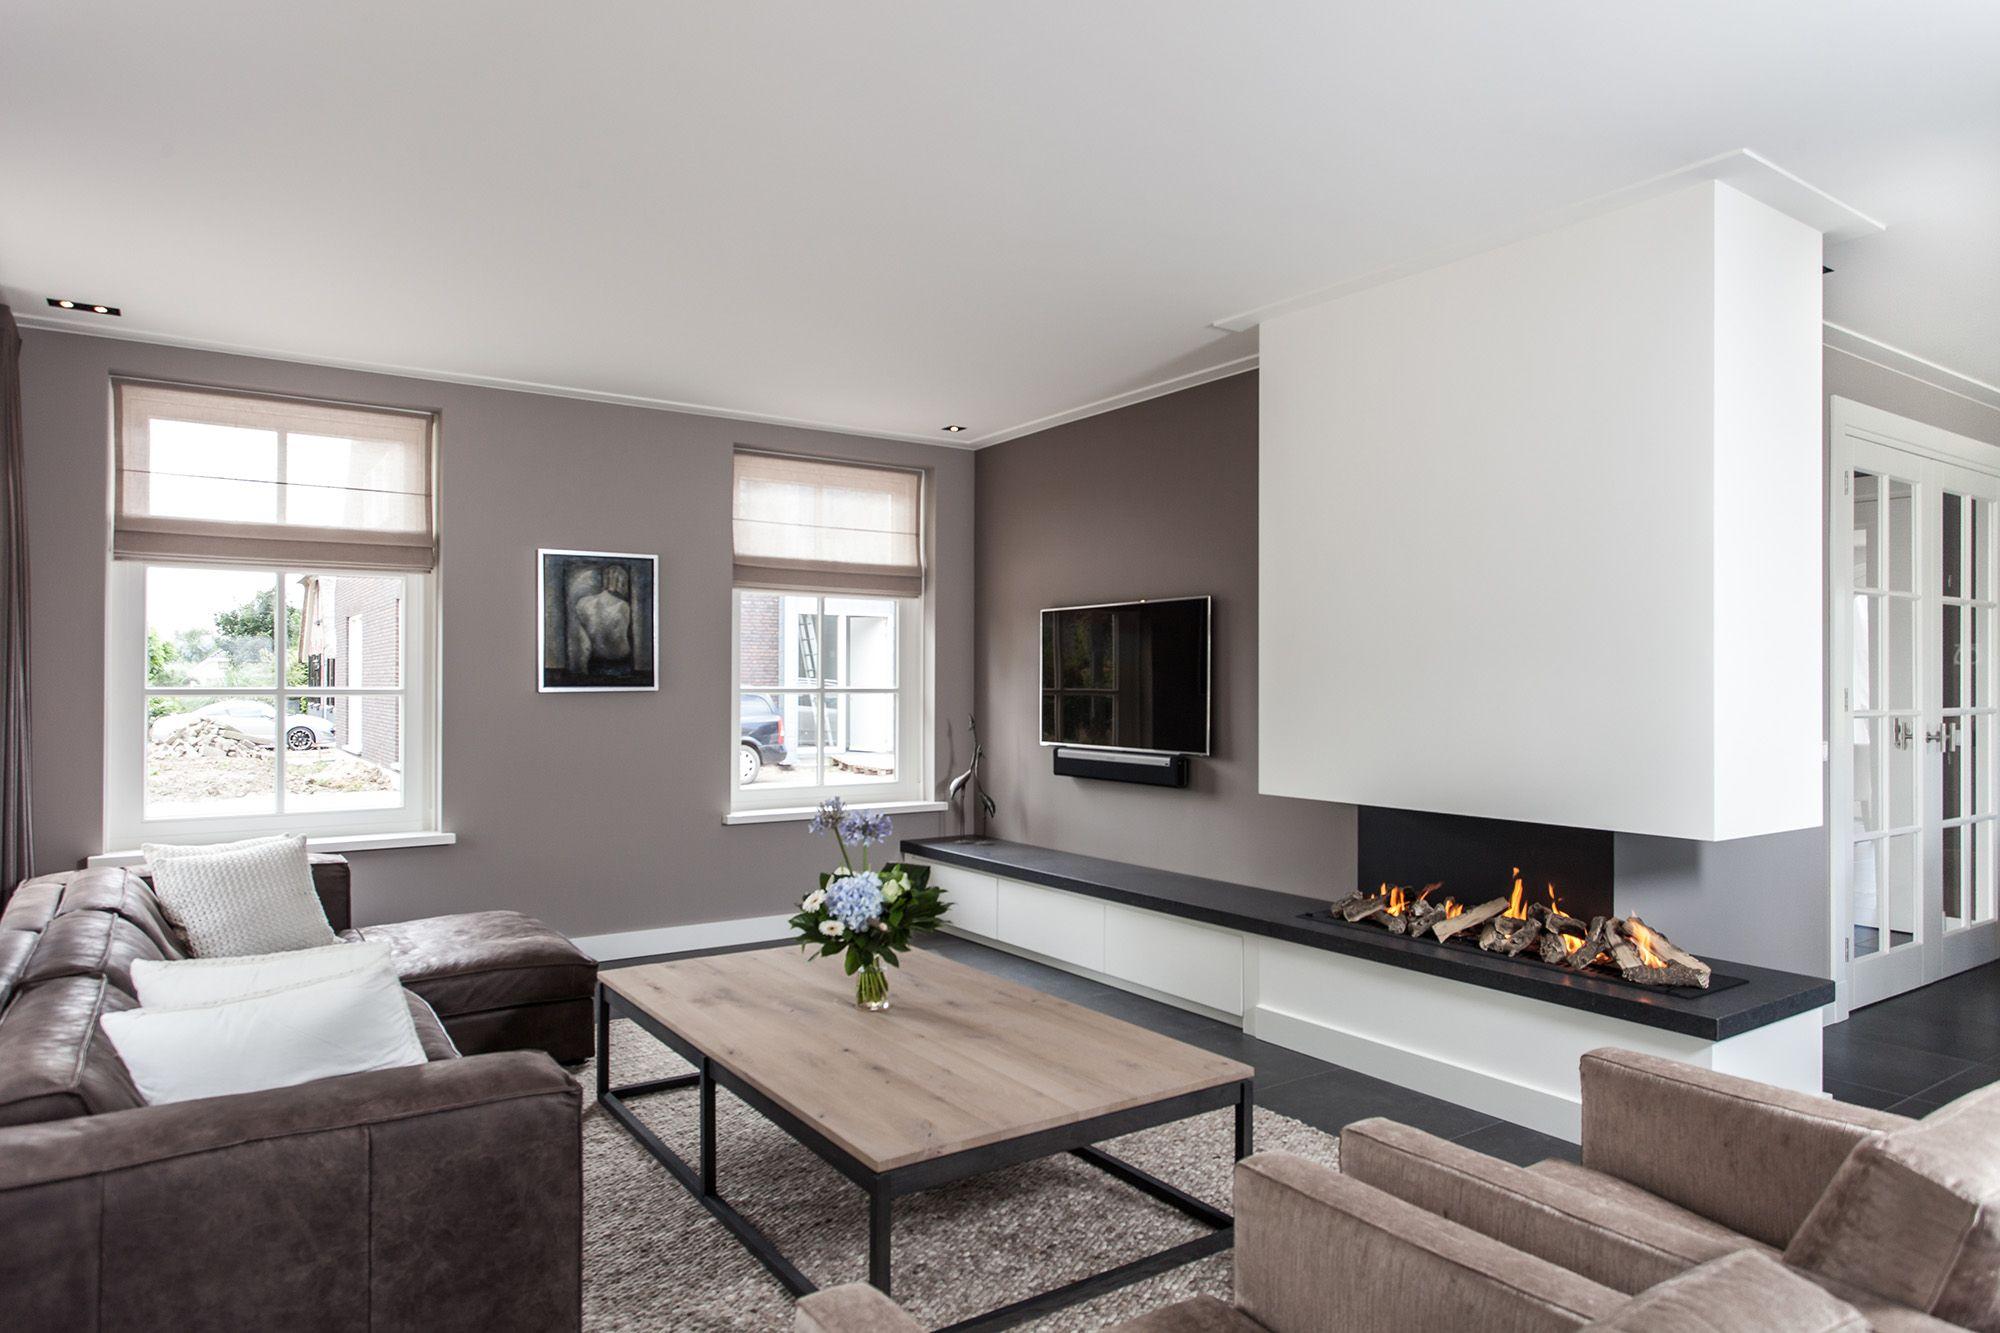 pingl par gg sur deco salon avec chemin e d co maison. Black Bedroom Furniture Sets. Home Design Ideas